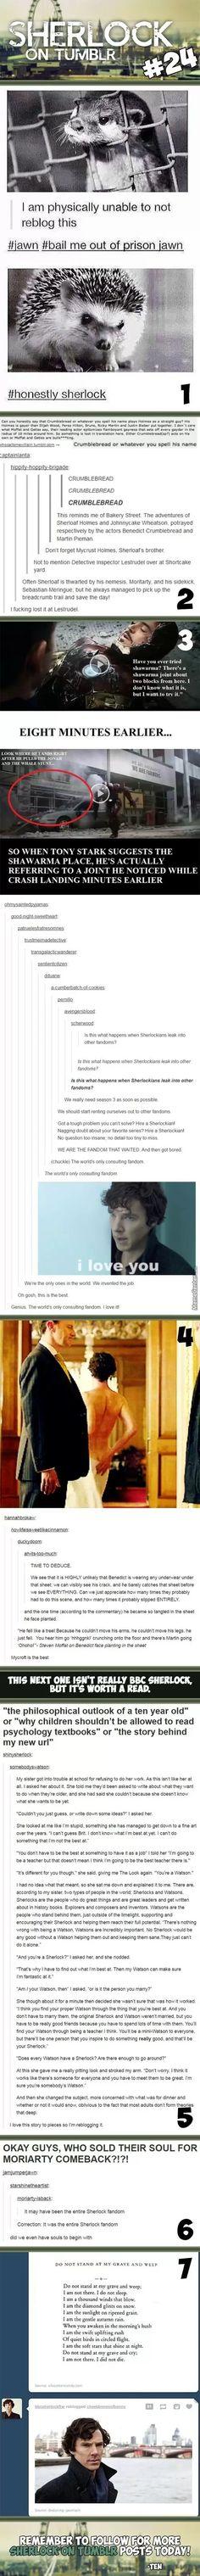 Sherlock On Tumblr #24